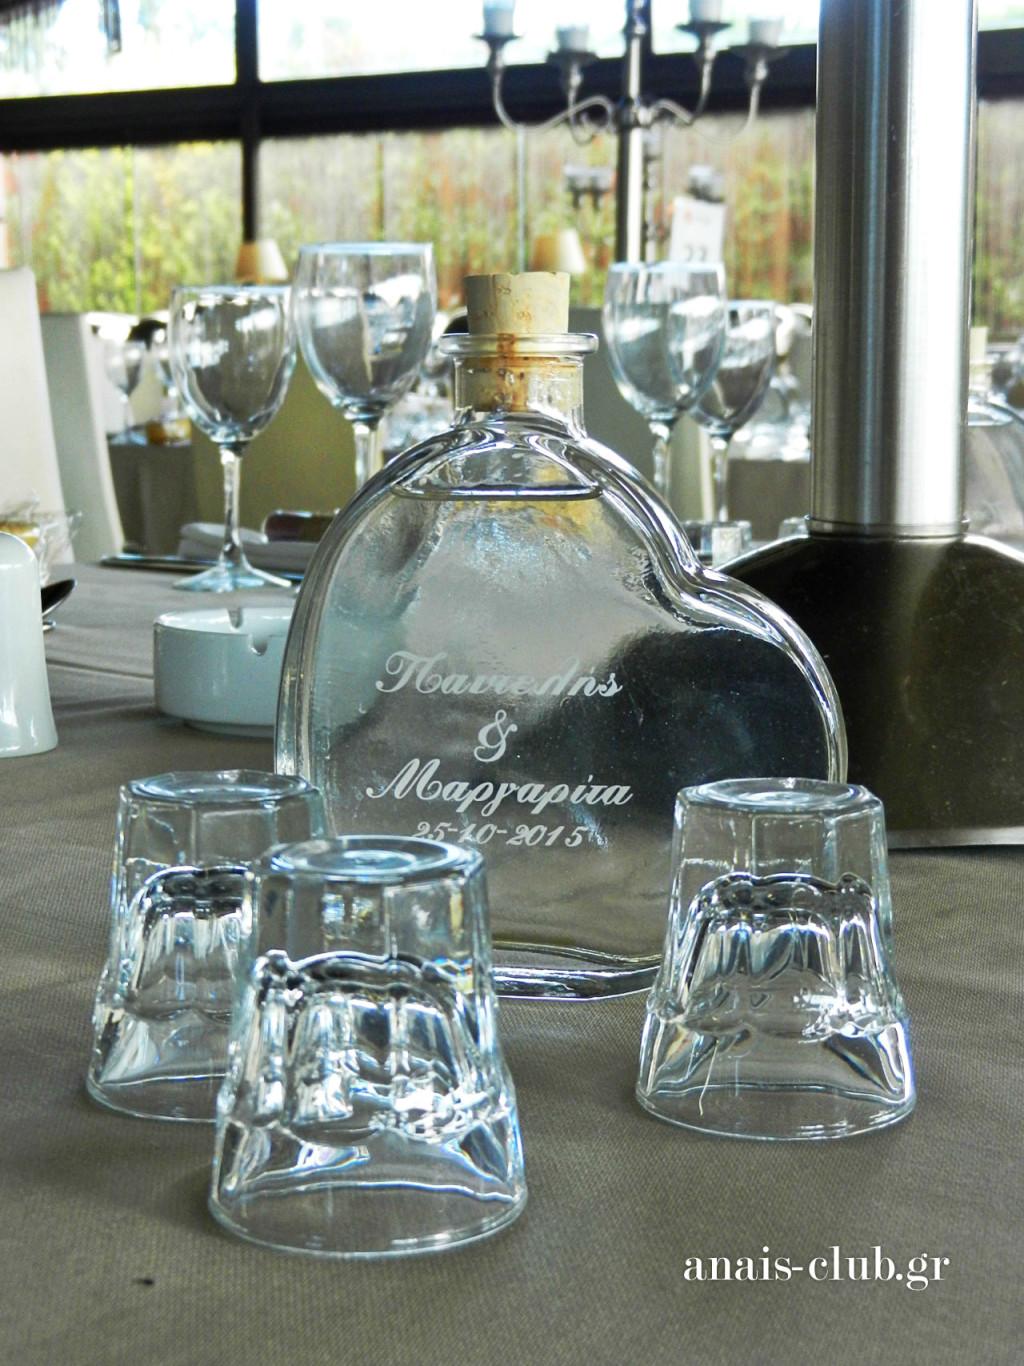 Και πέρα από τα παραδοσιακά ξεροτήγανα, σε κάθε τραπέζι, υπήρχε μπουκαλάκι σε σχήμα καρδιάς με τα ονόματα του ζευγαριού και την ημερομηνία γάμου, το οποίο περιείχε παραδοσιακό ελληνική ρακί